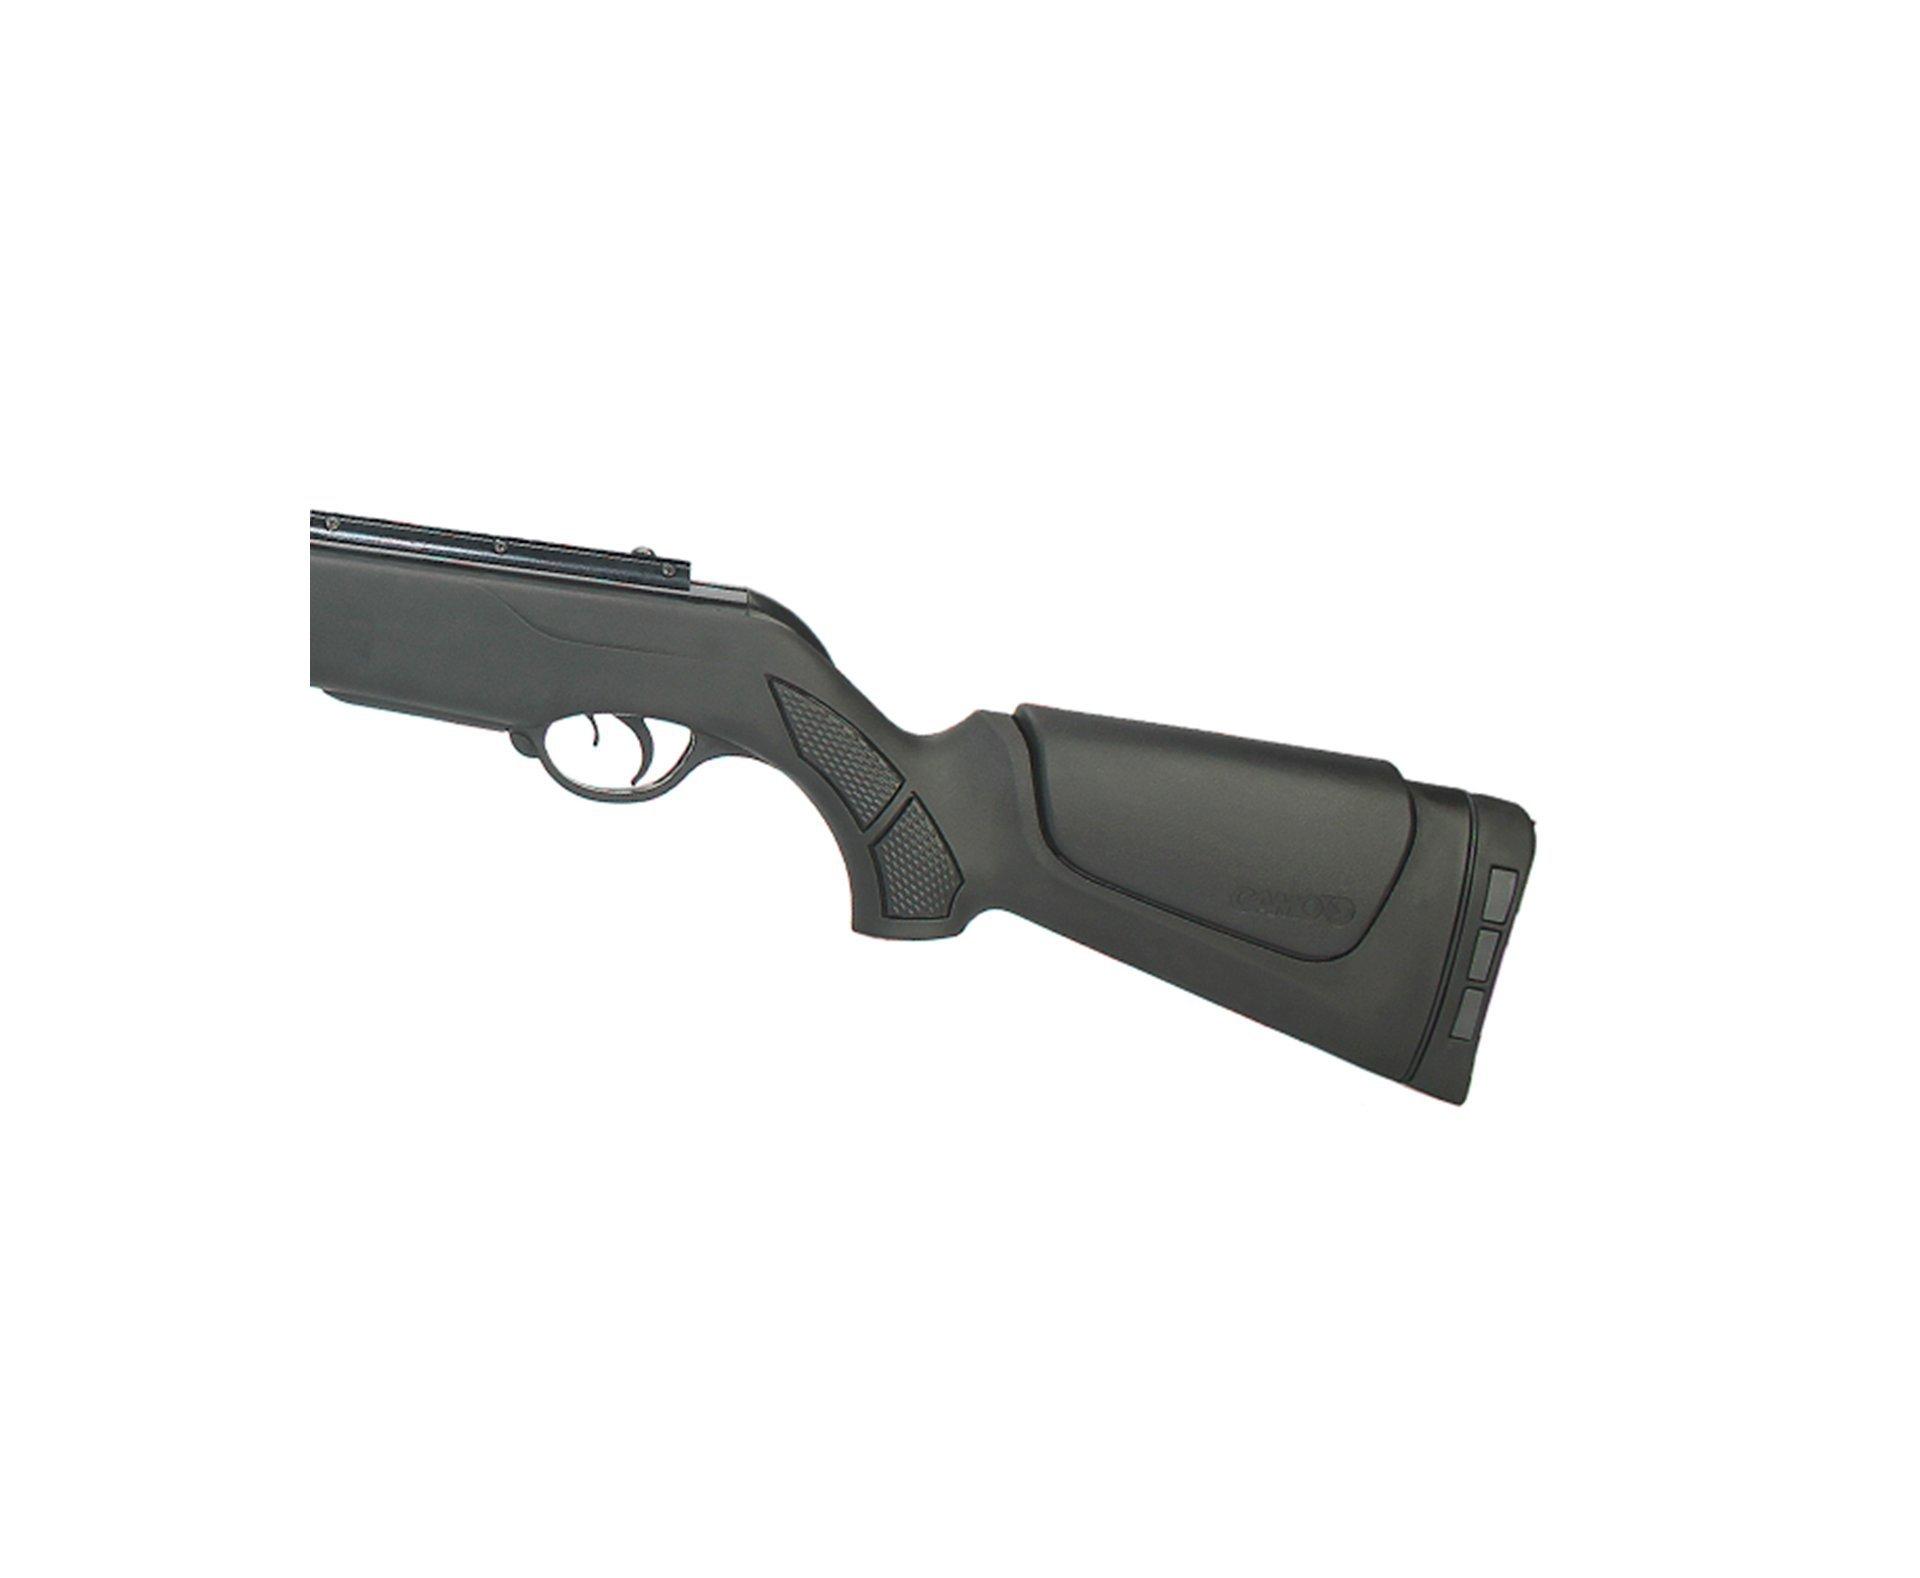 Carabina De Pressão Gamo Shadow Dx - Calibre 5,5 Mm